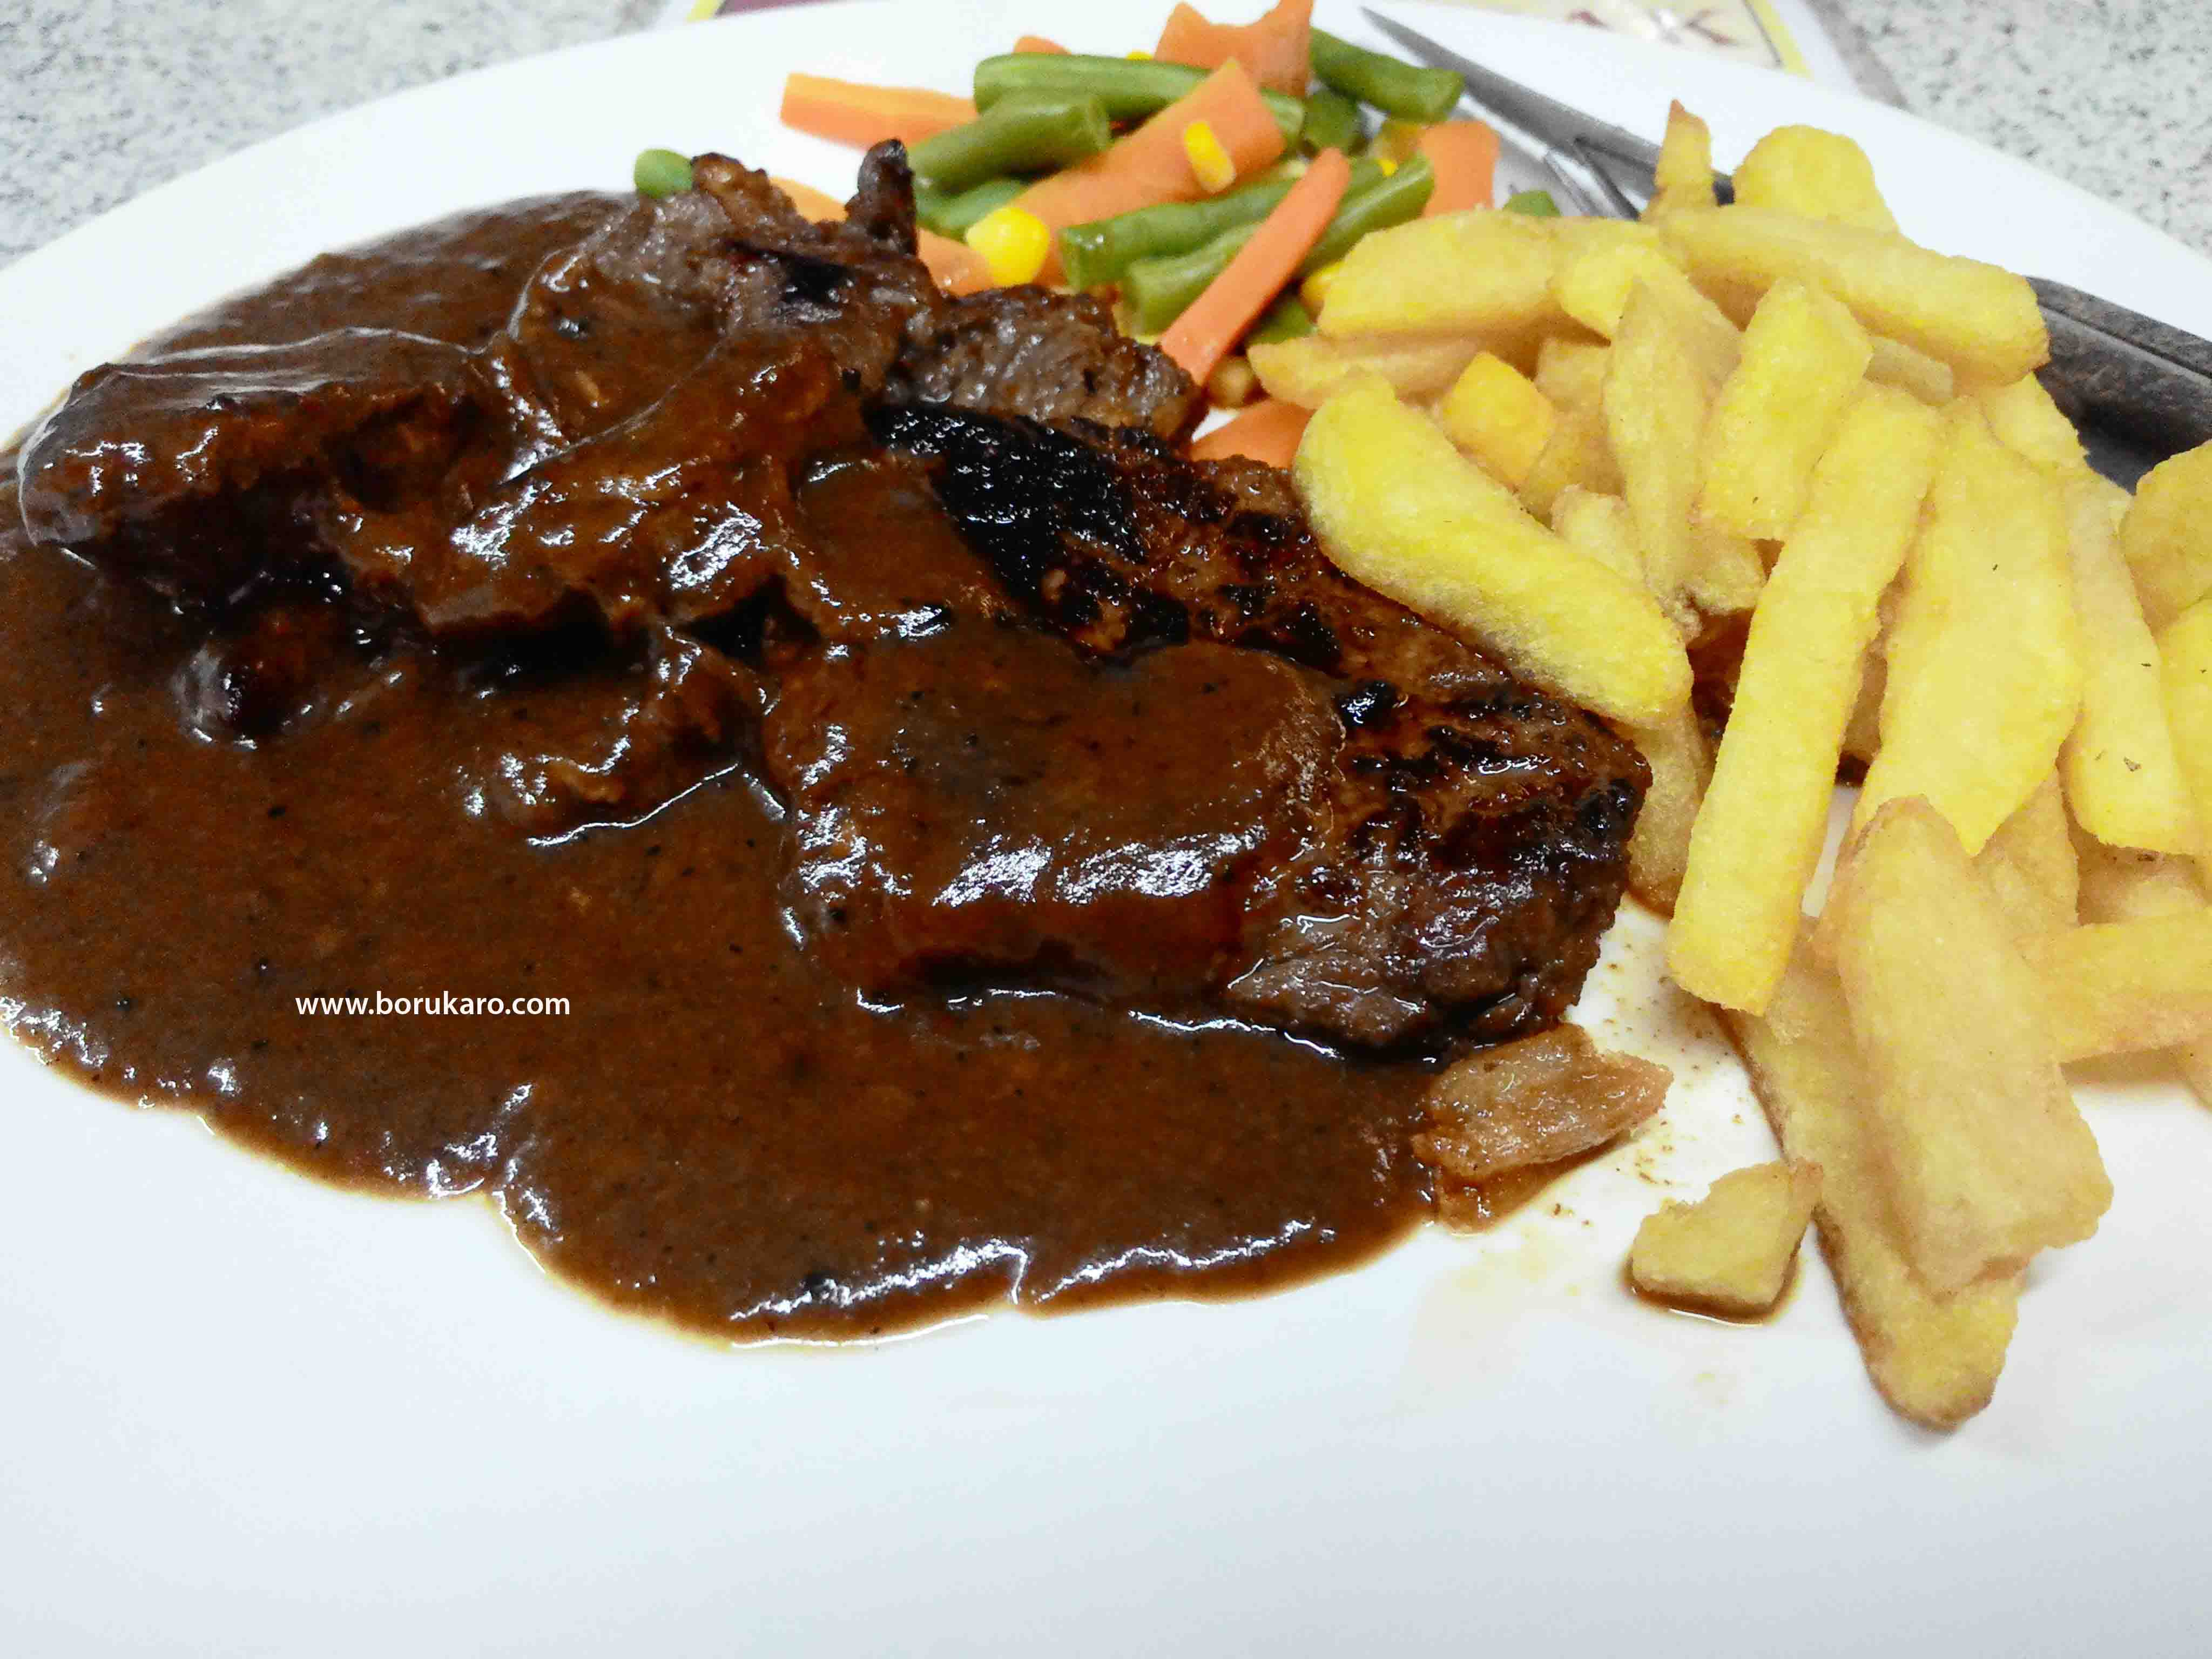 Java Steak, Steak Halal Enak dan Murah di Pasarbaru Jakarta